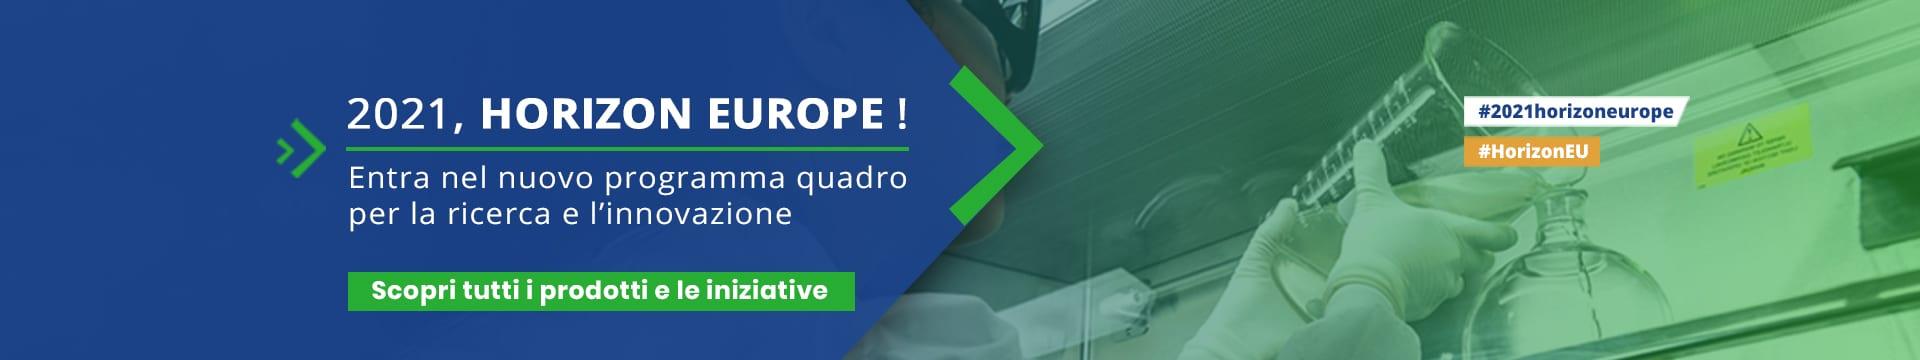 banner campagna 2021 Horizon EU